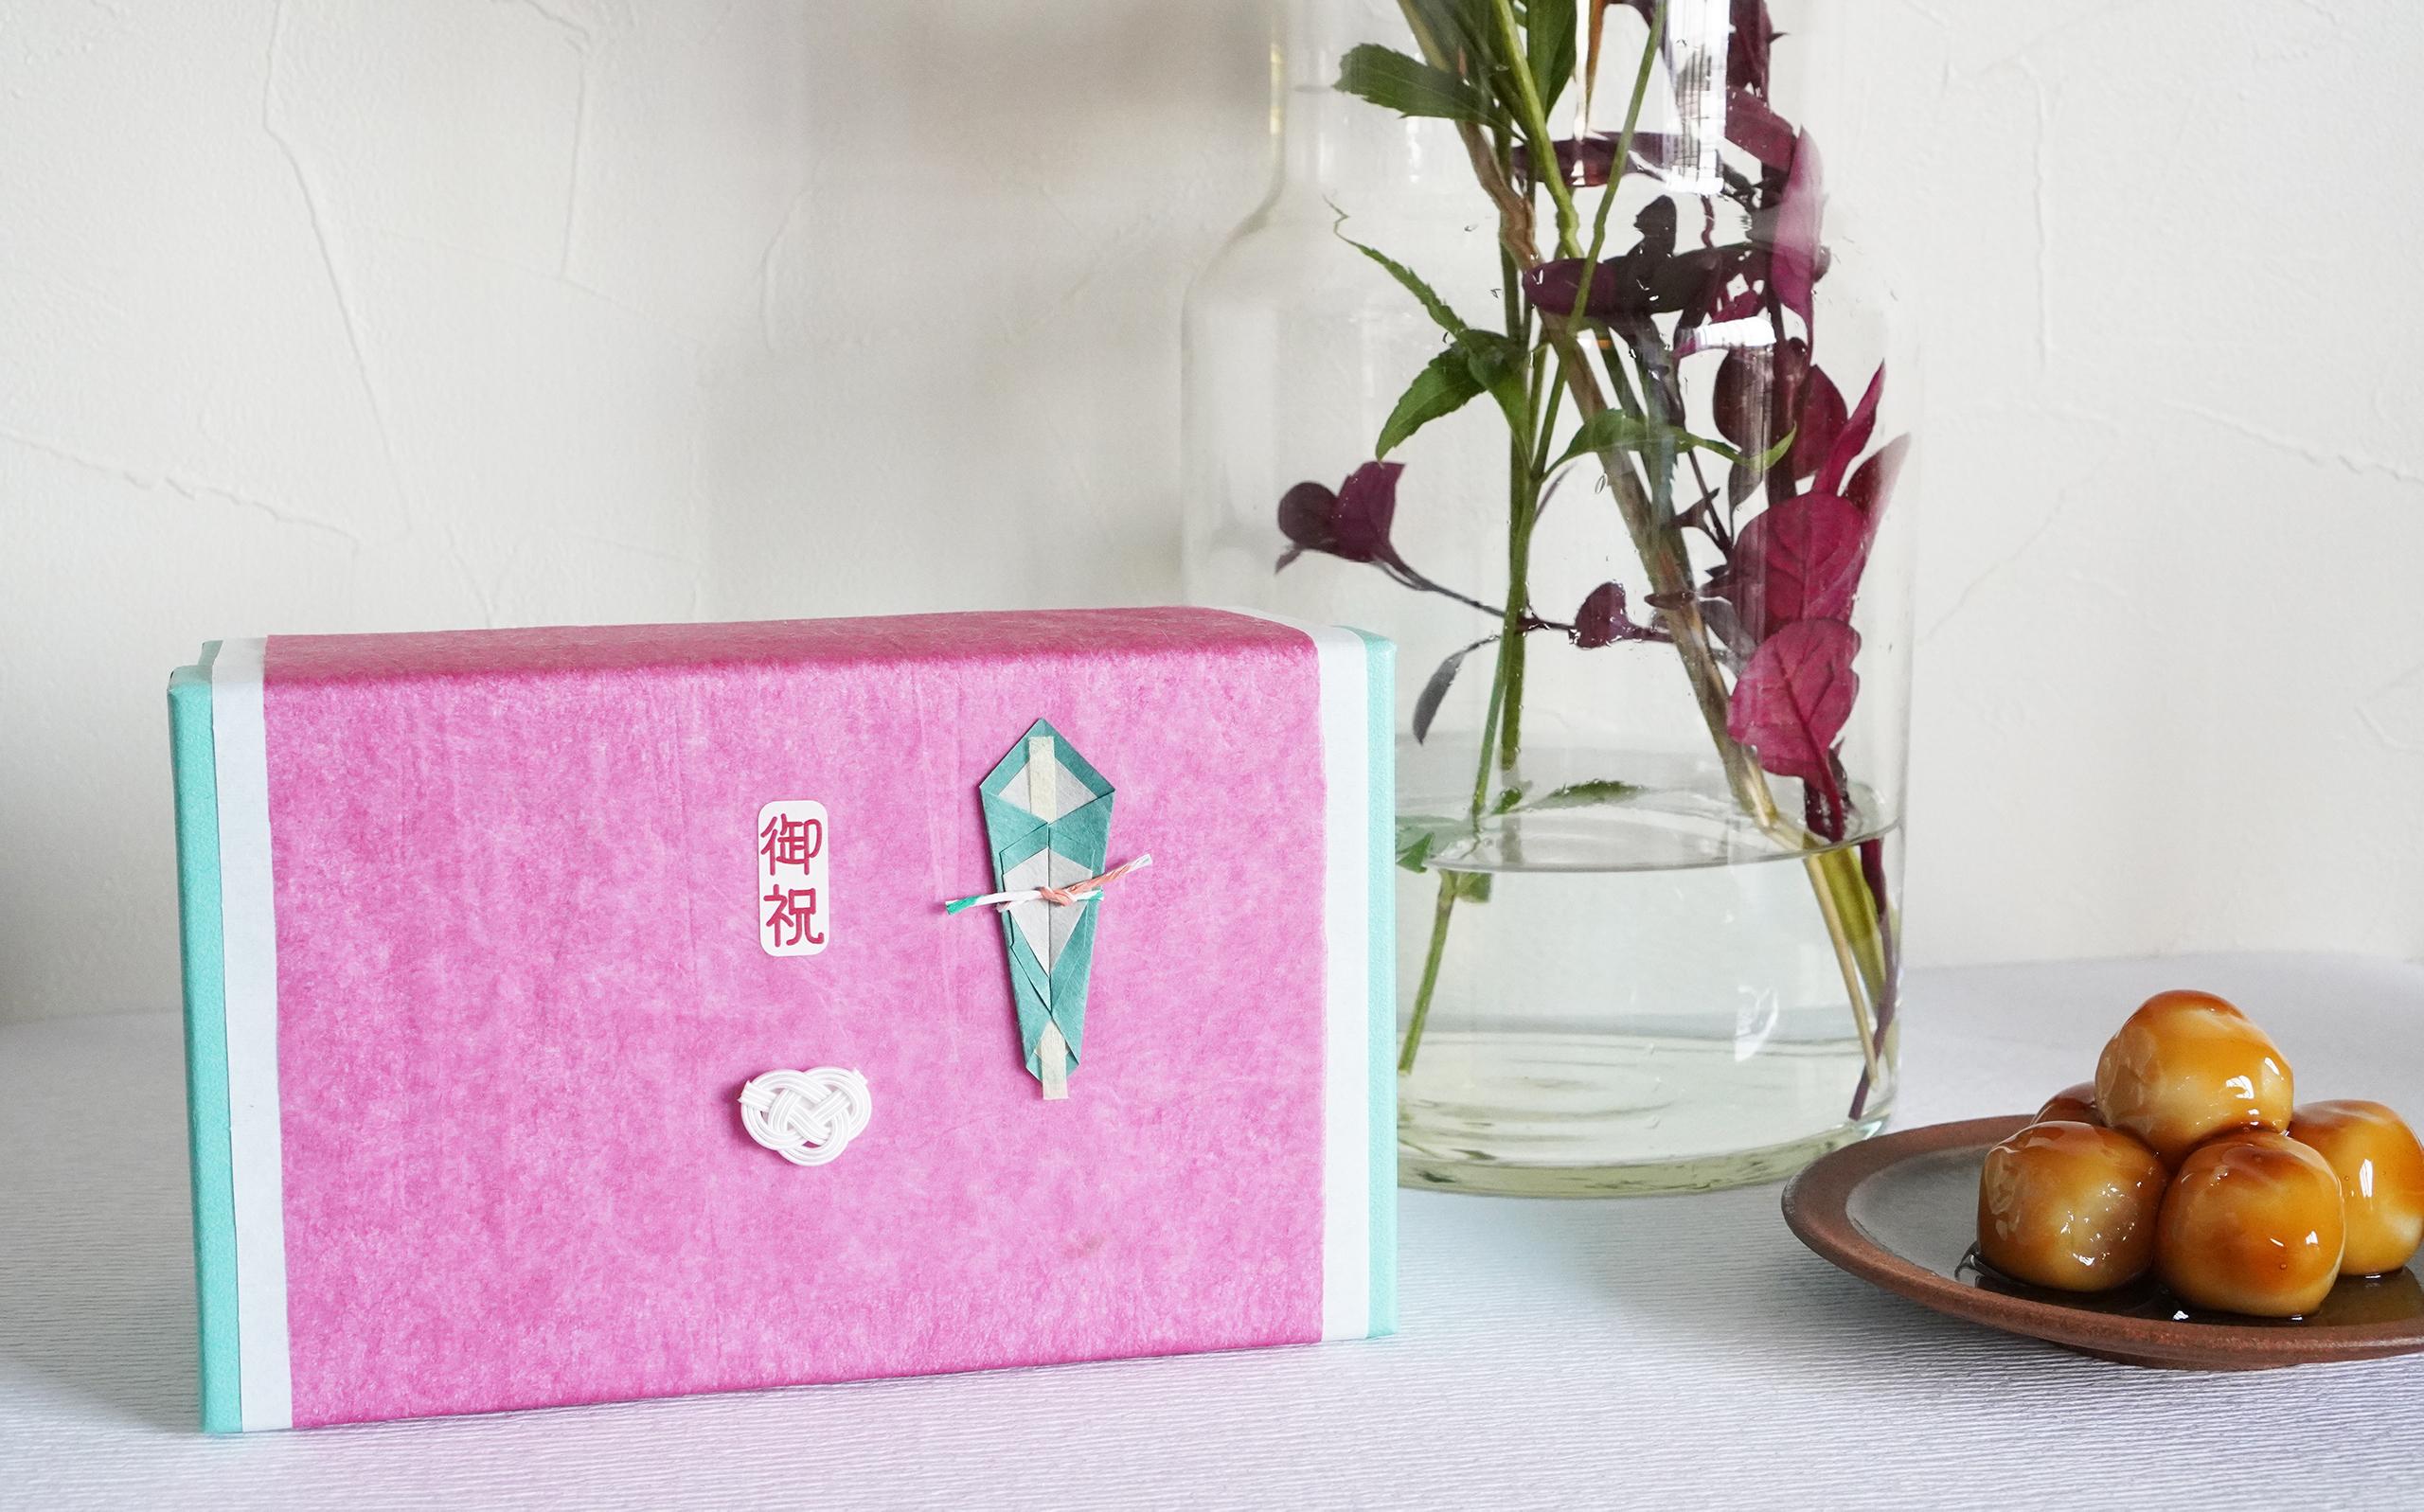 折 -和紙で折った熨斗シール- (赤系色)